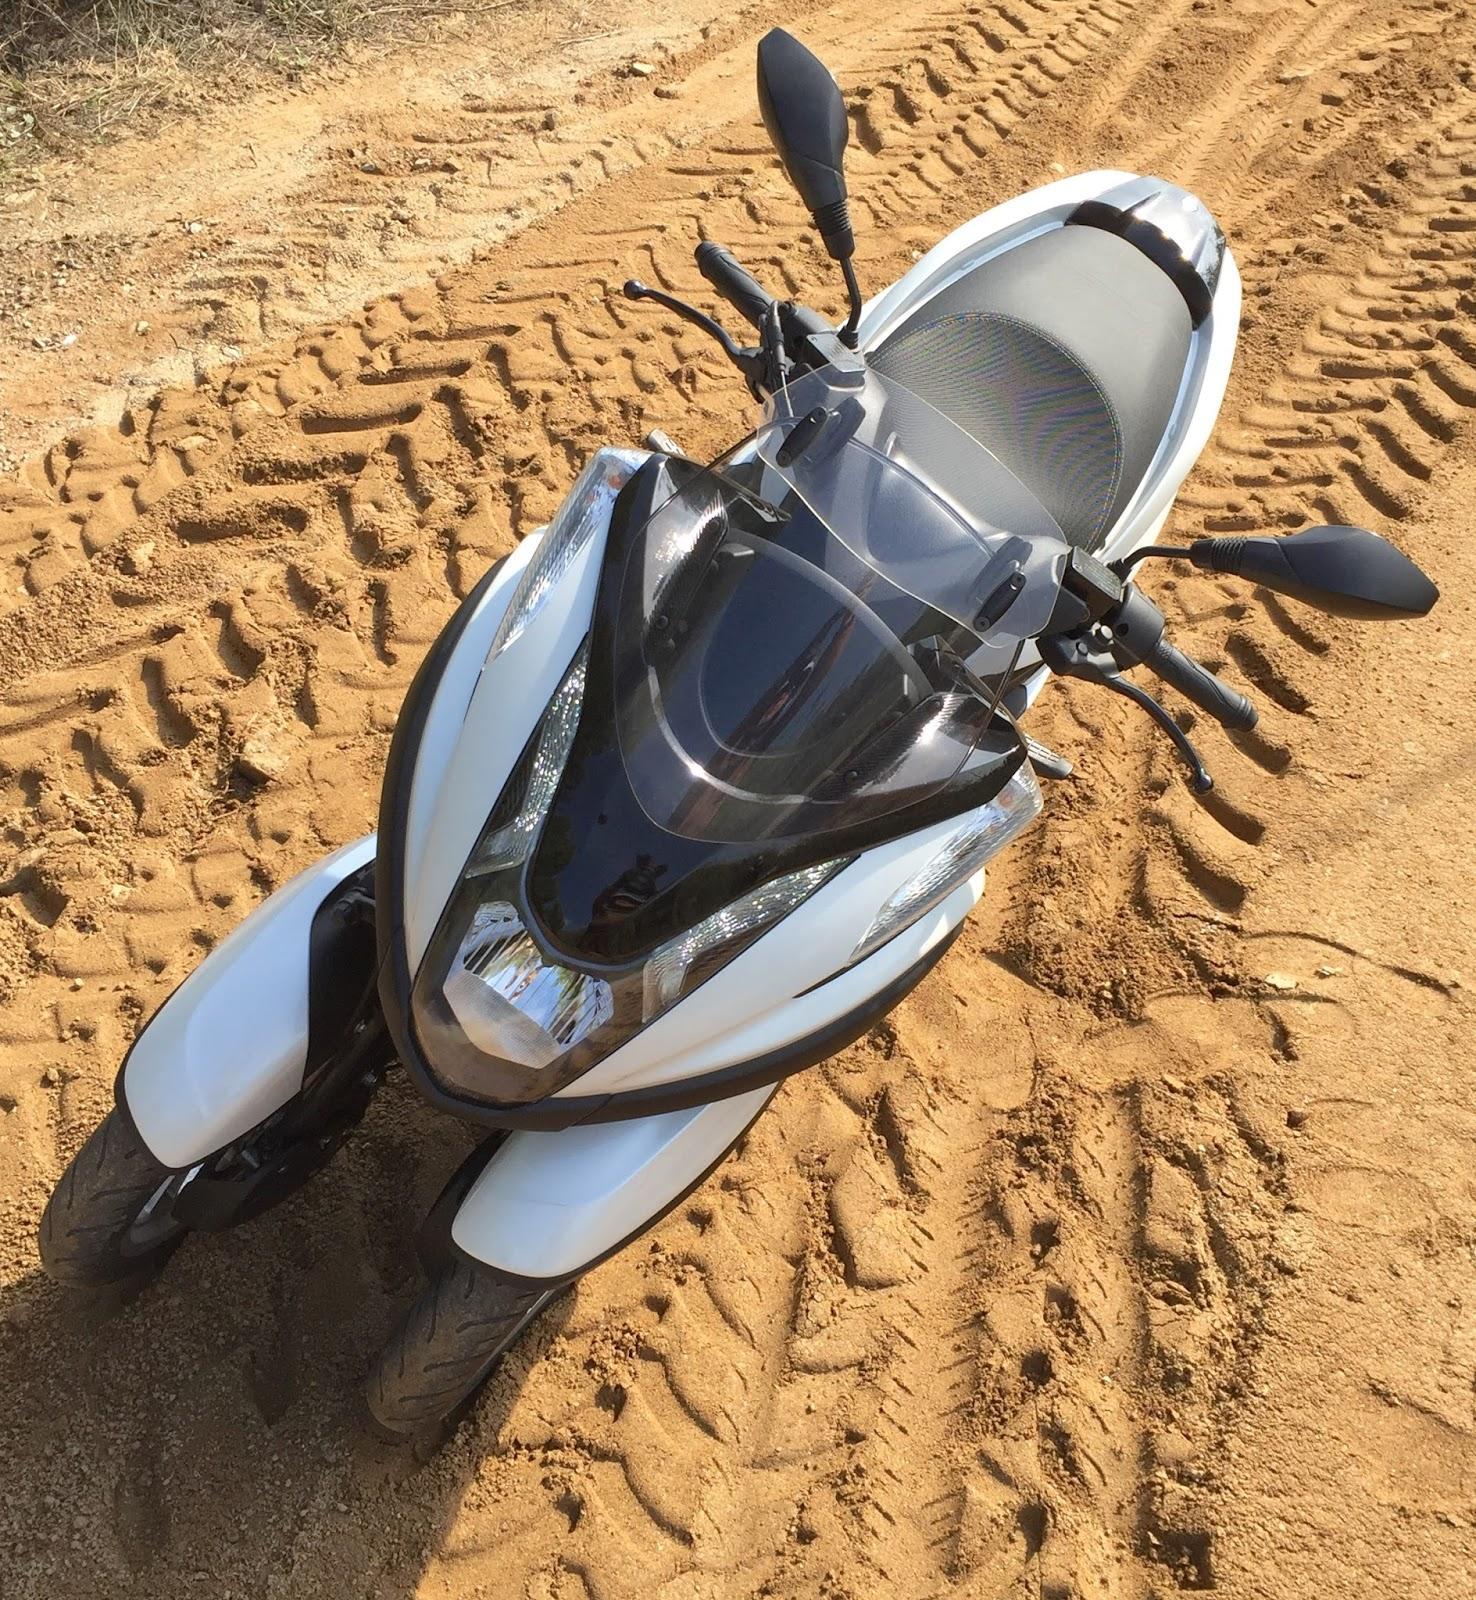 Yamaha Tricity en camino de tierra